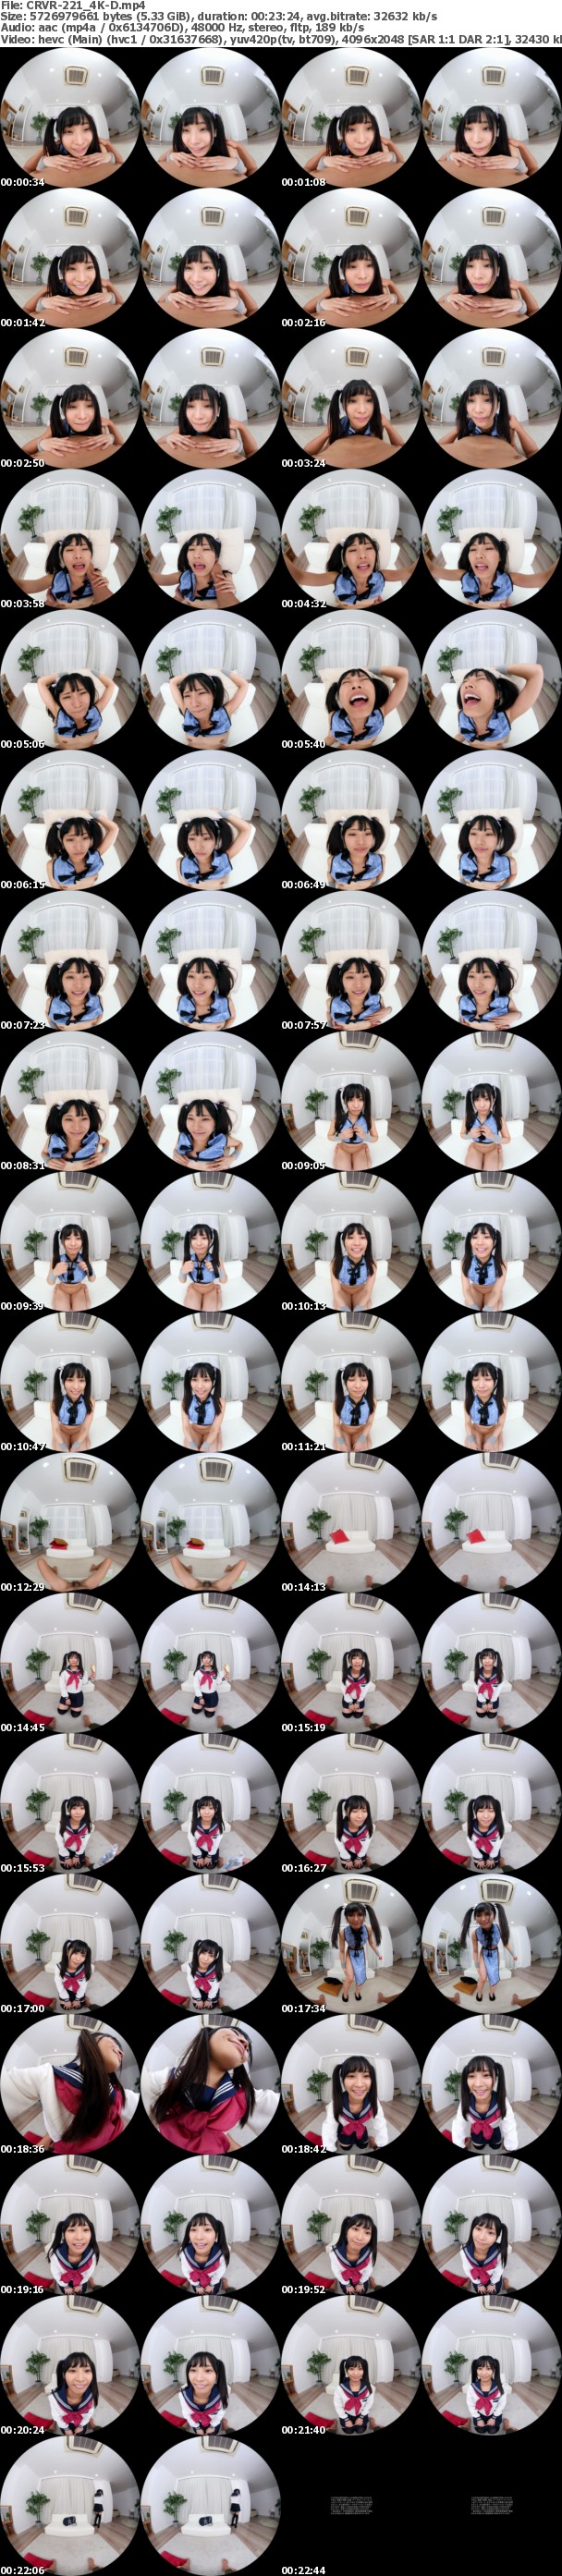 (VR) (4K) CRVR-221 久留木玲 超絶妙アングル!!この魔法女子とこれからSEXします!!「セックスで女子と同時イキしてみたい!!」あなたの願望…玲が華麗に叶えます!!チャイナ服姿の美少女系魔法使いと潮吹き痙攣中出しエッチ!!